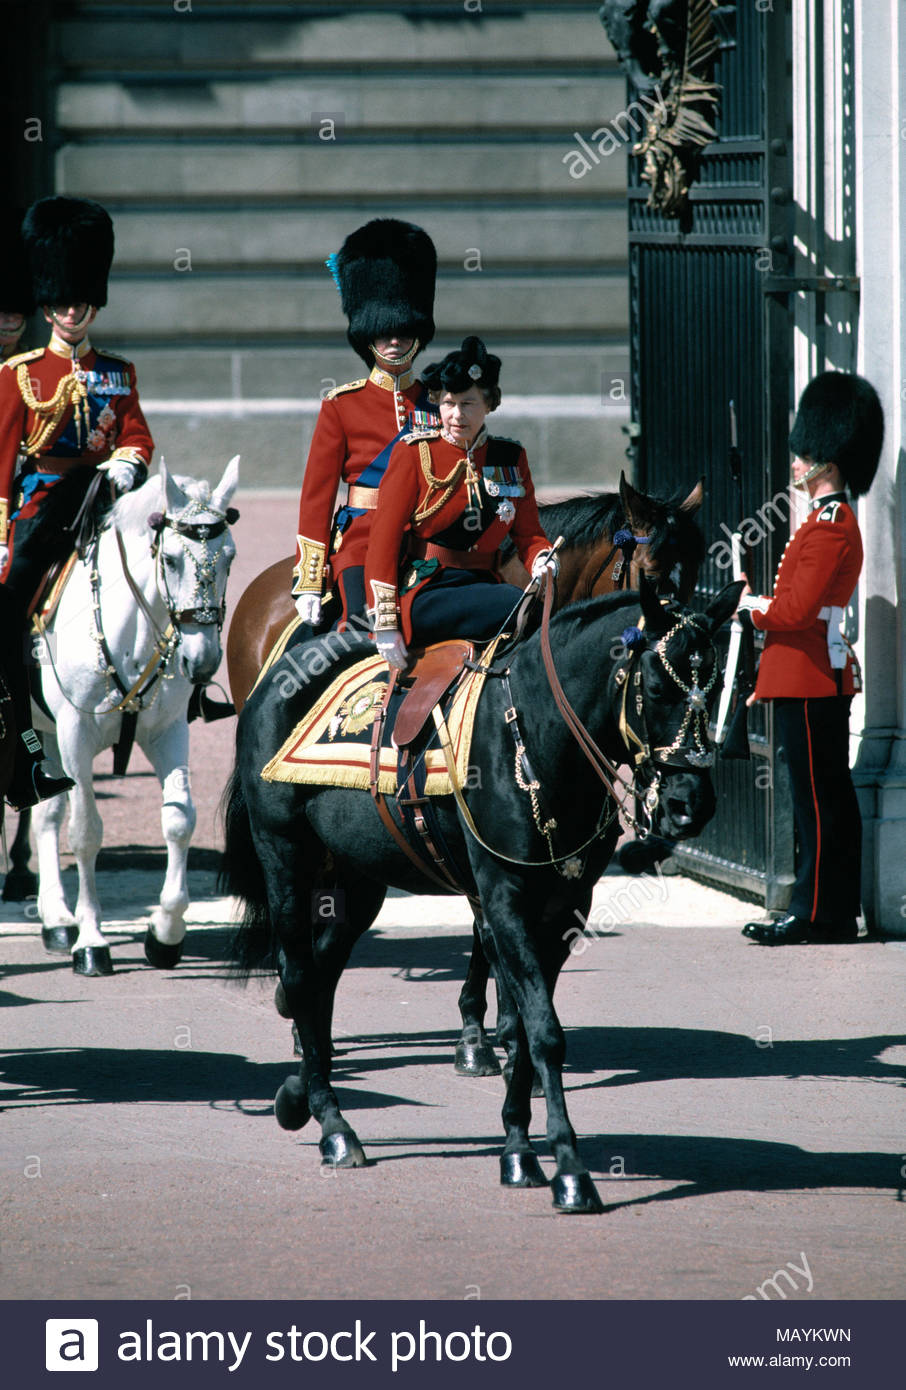 Su Majestad, la Reina Isabel II en uniforme de gala a caballo con el regimiento de guardias al inicio de Trooping el color. De junio de 1986. Imagen De Stock